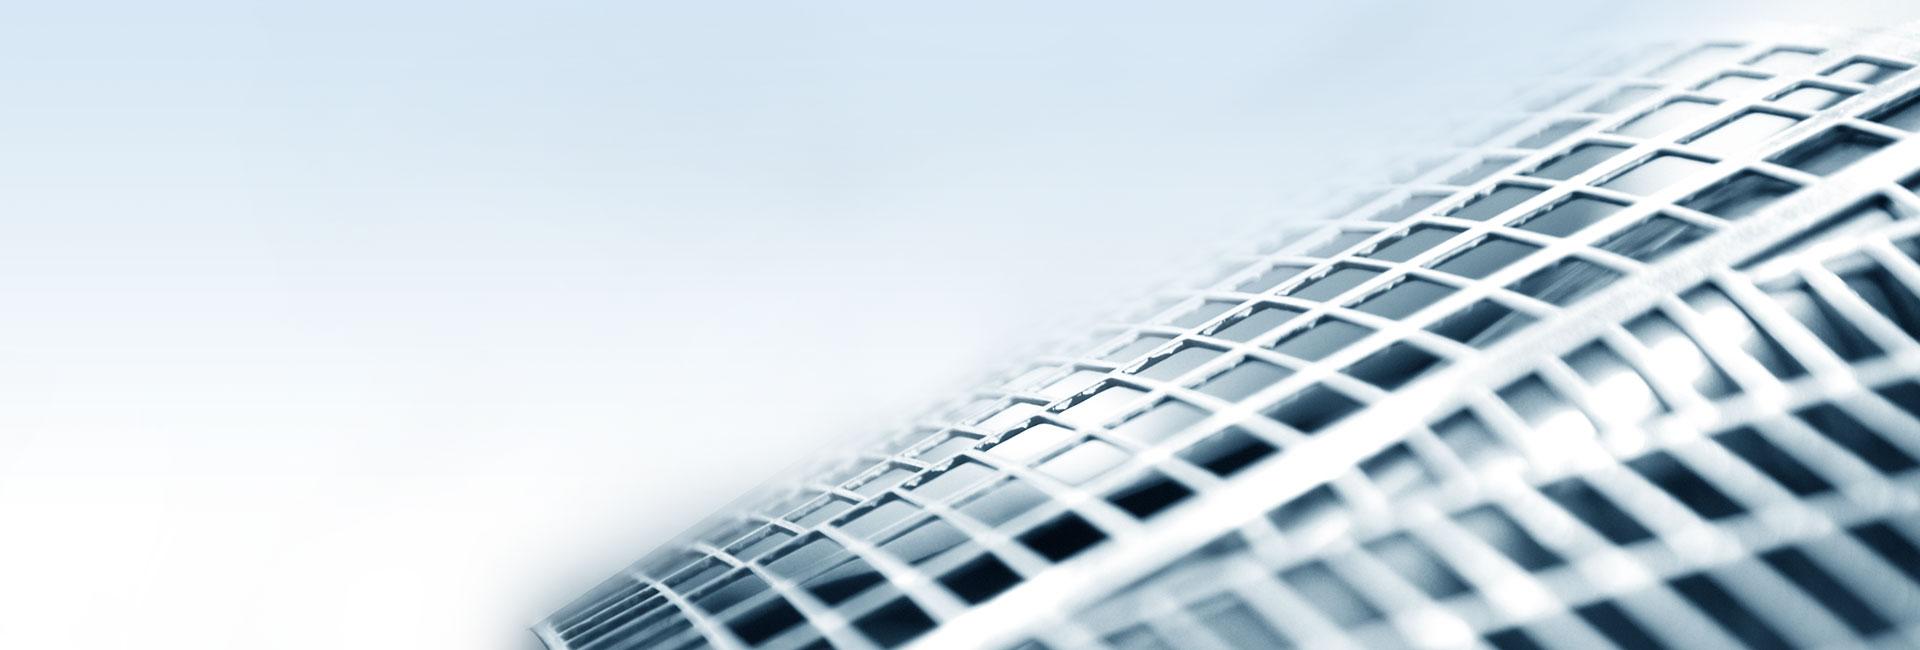 Encuentra la tecnología patentada PowerFrame en la rejilla positiva cuidadosamente laminada y estampada.